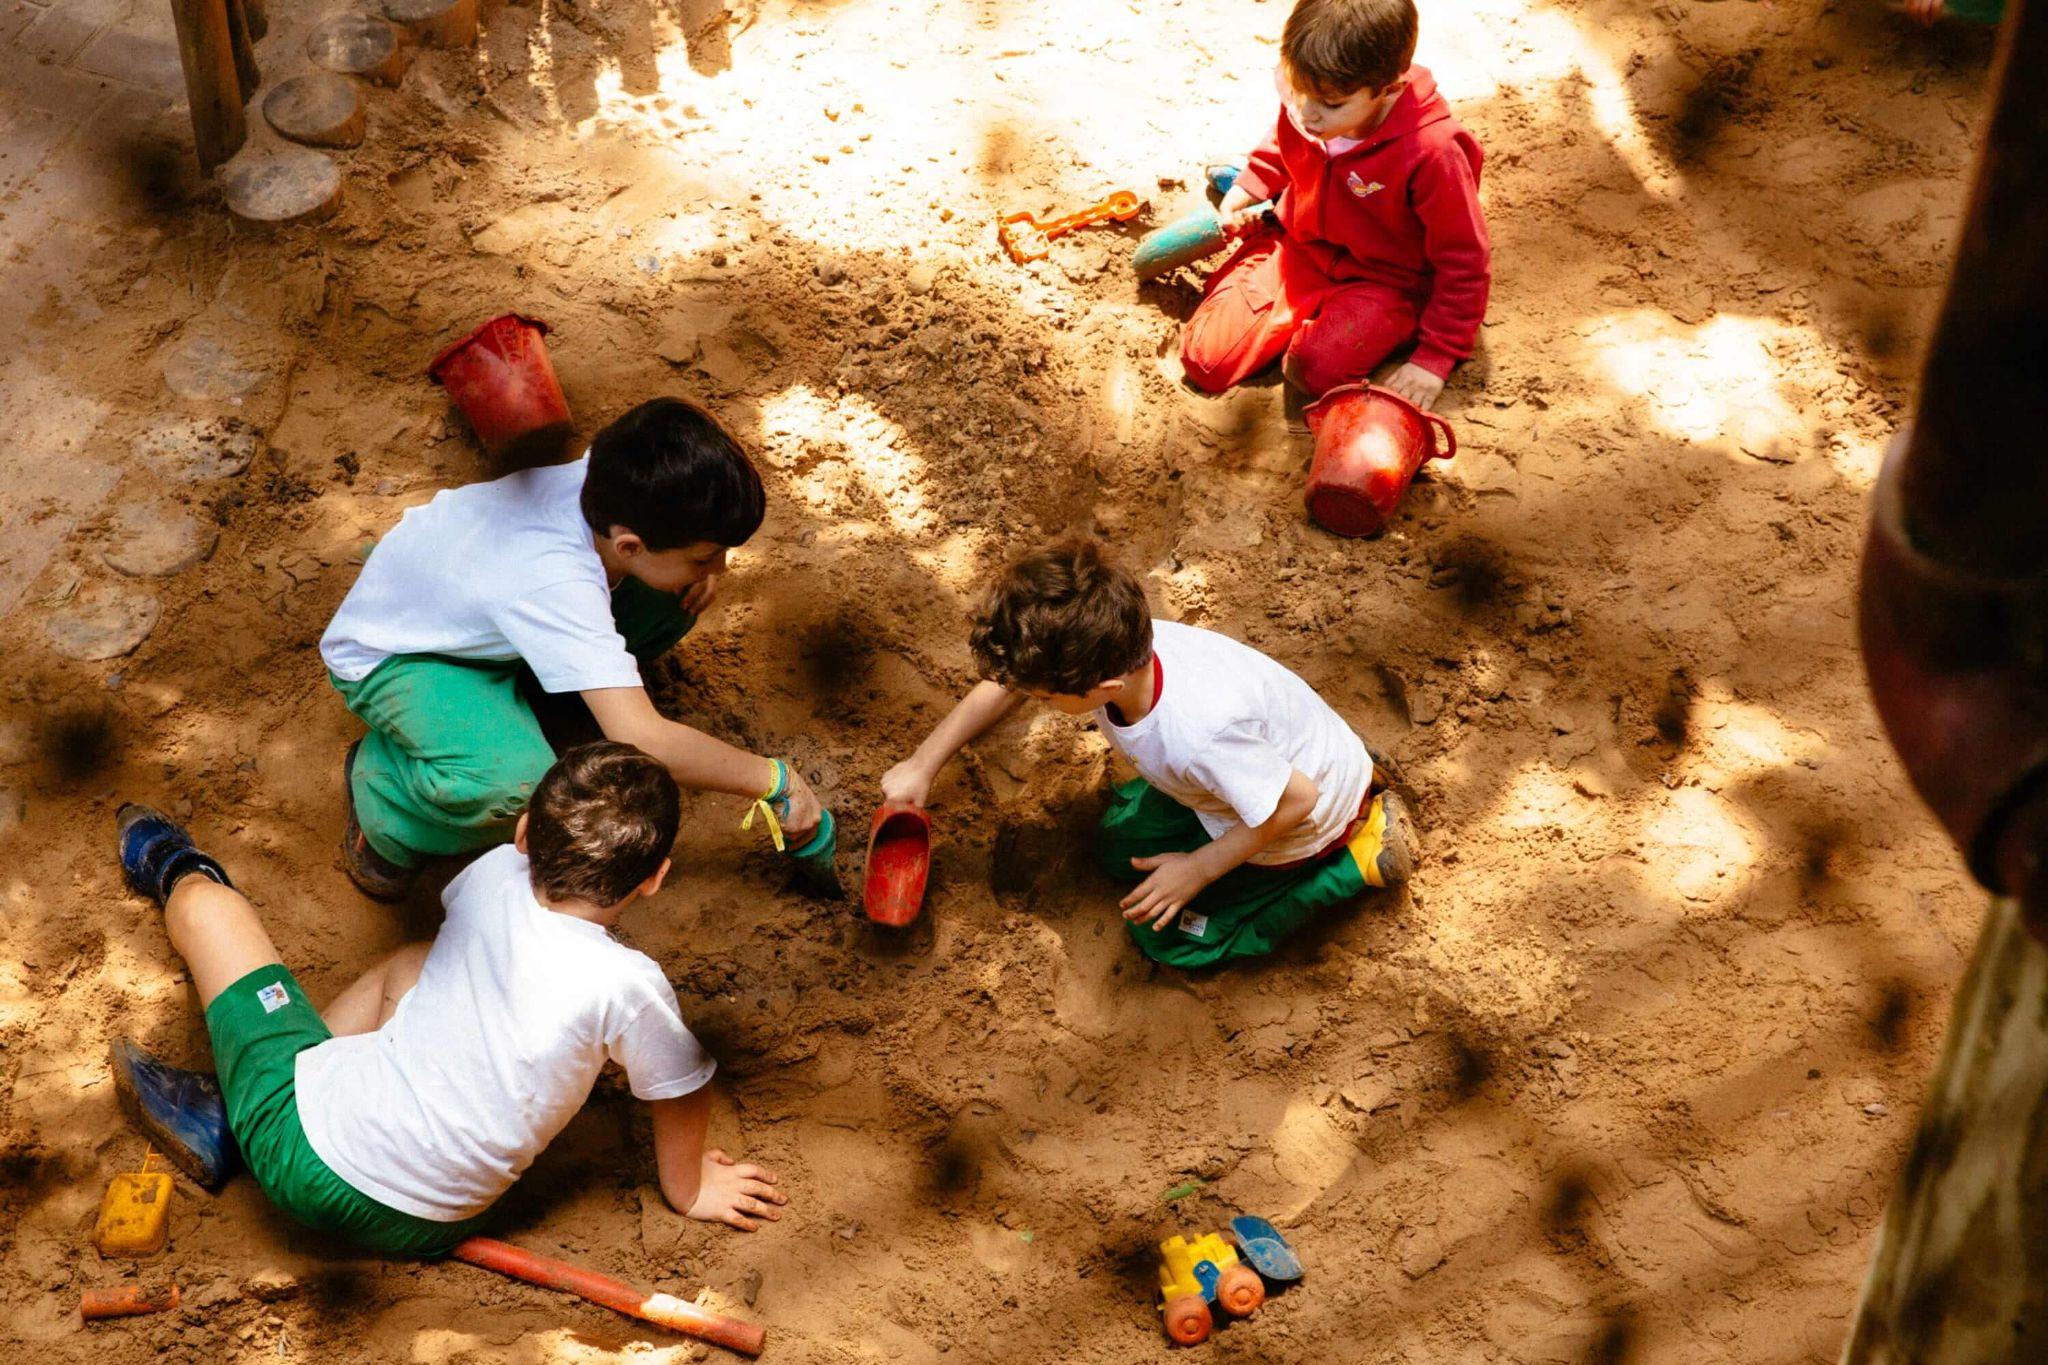 A imagem mostra um grupo de crianças brincando na terra.